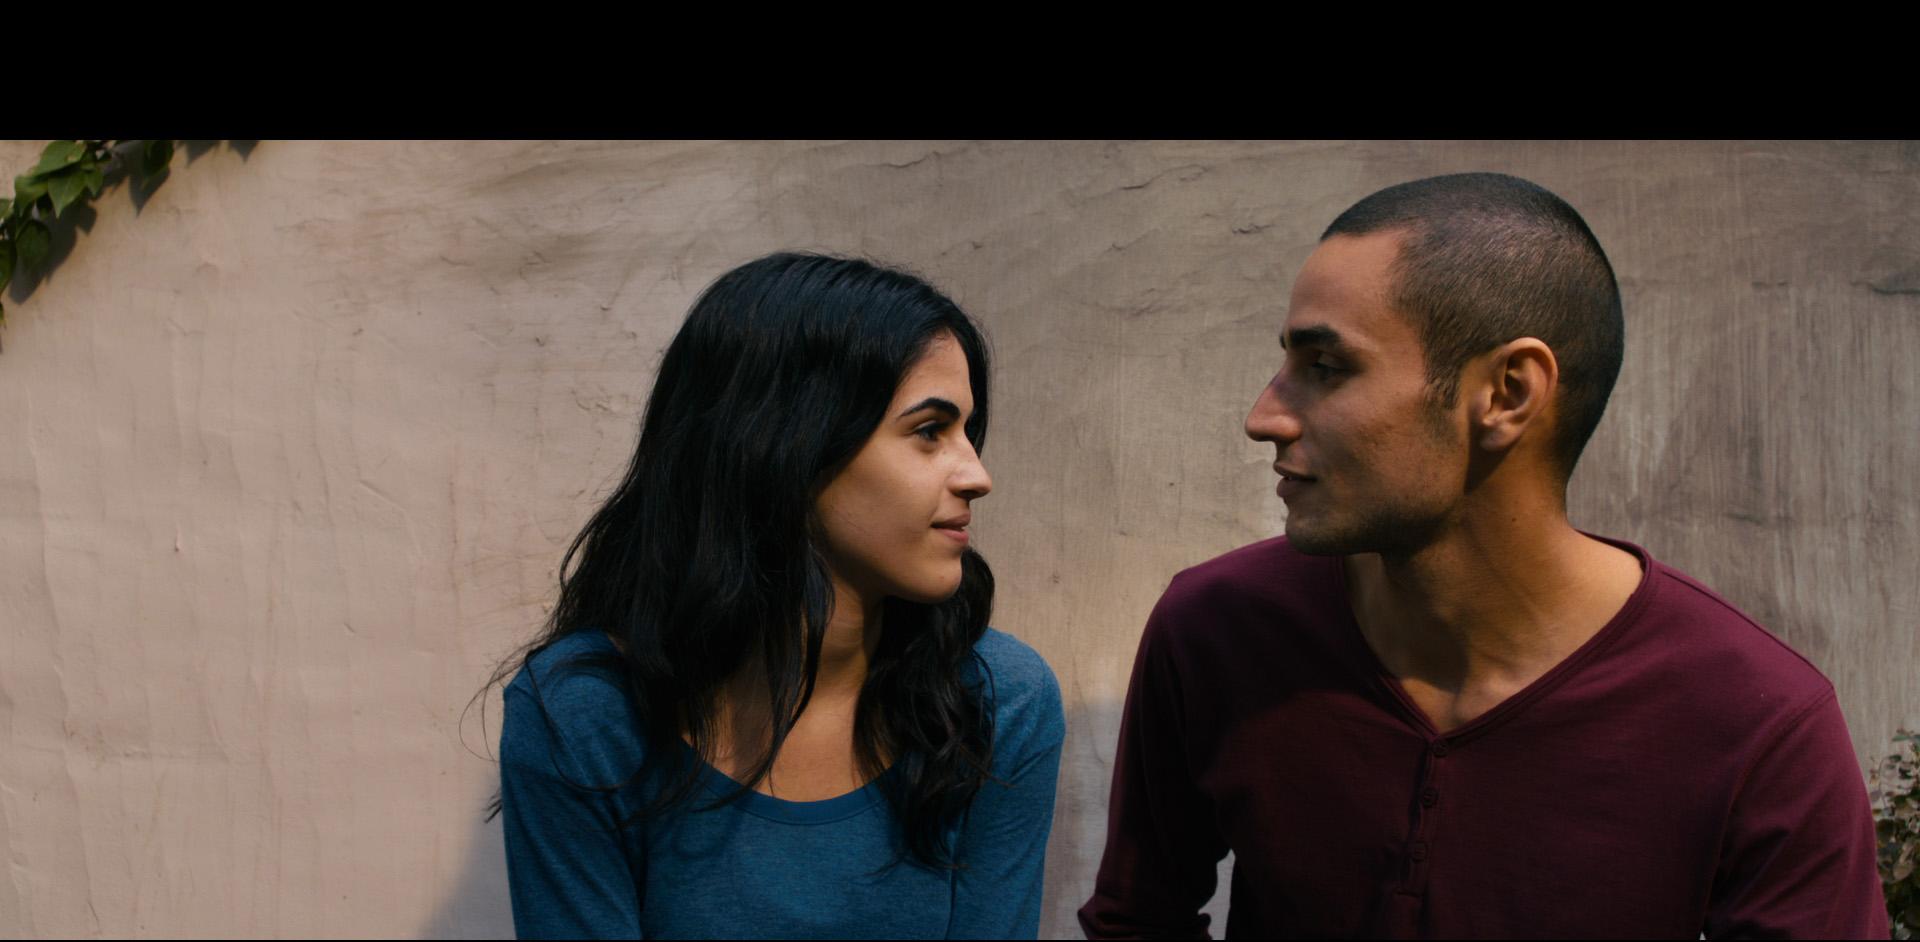 Omar Film Still